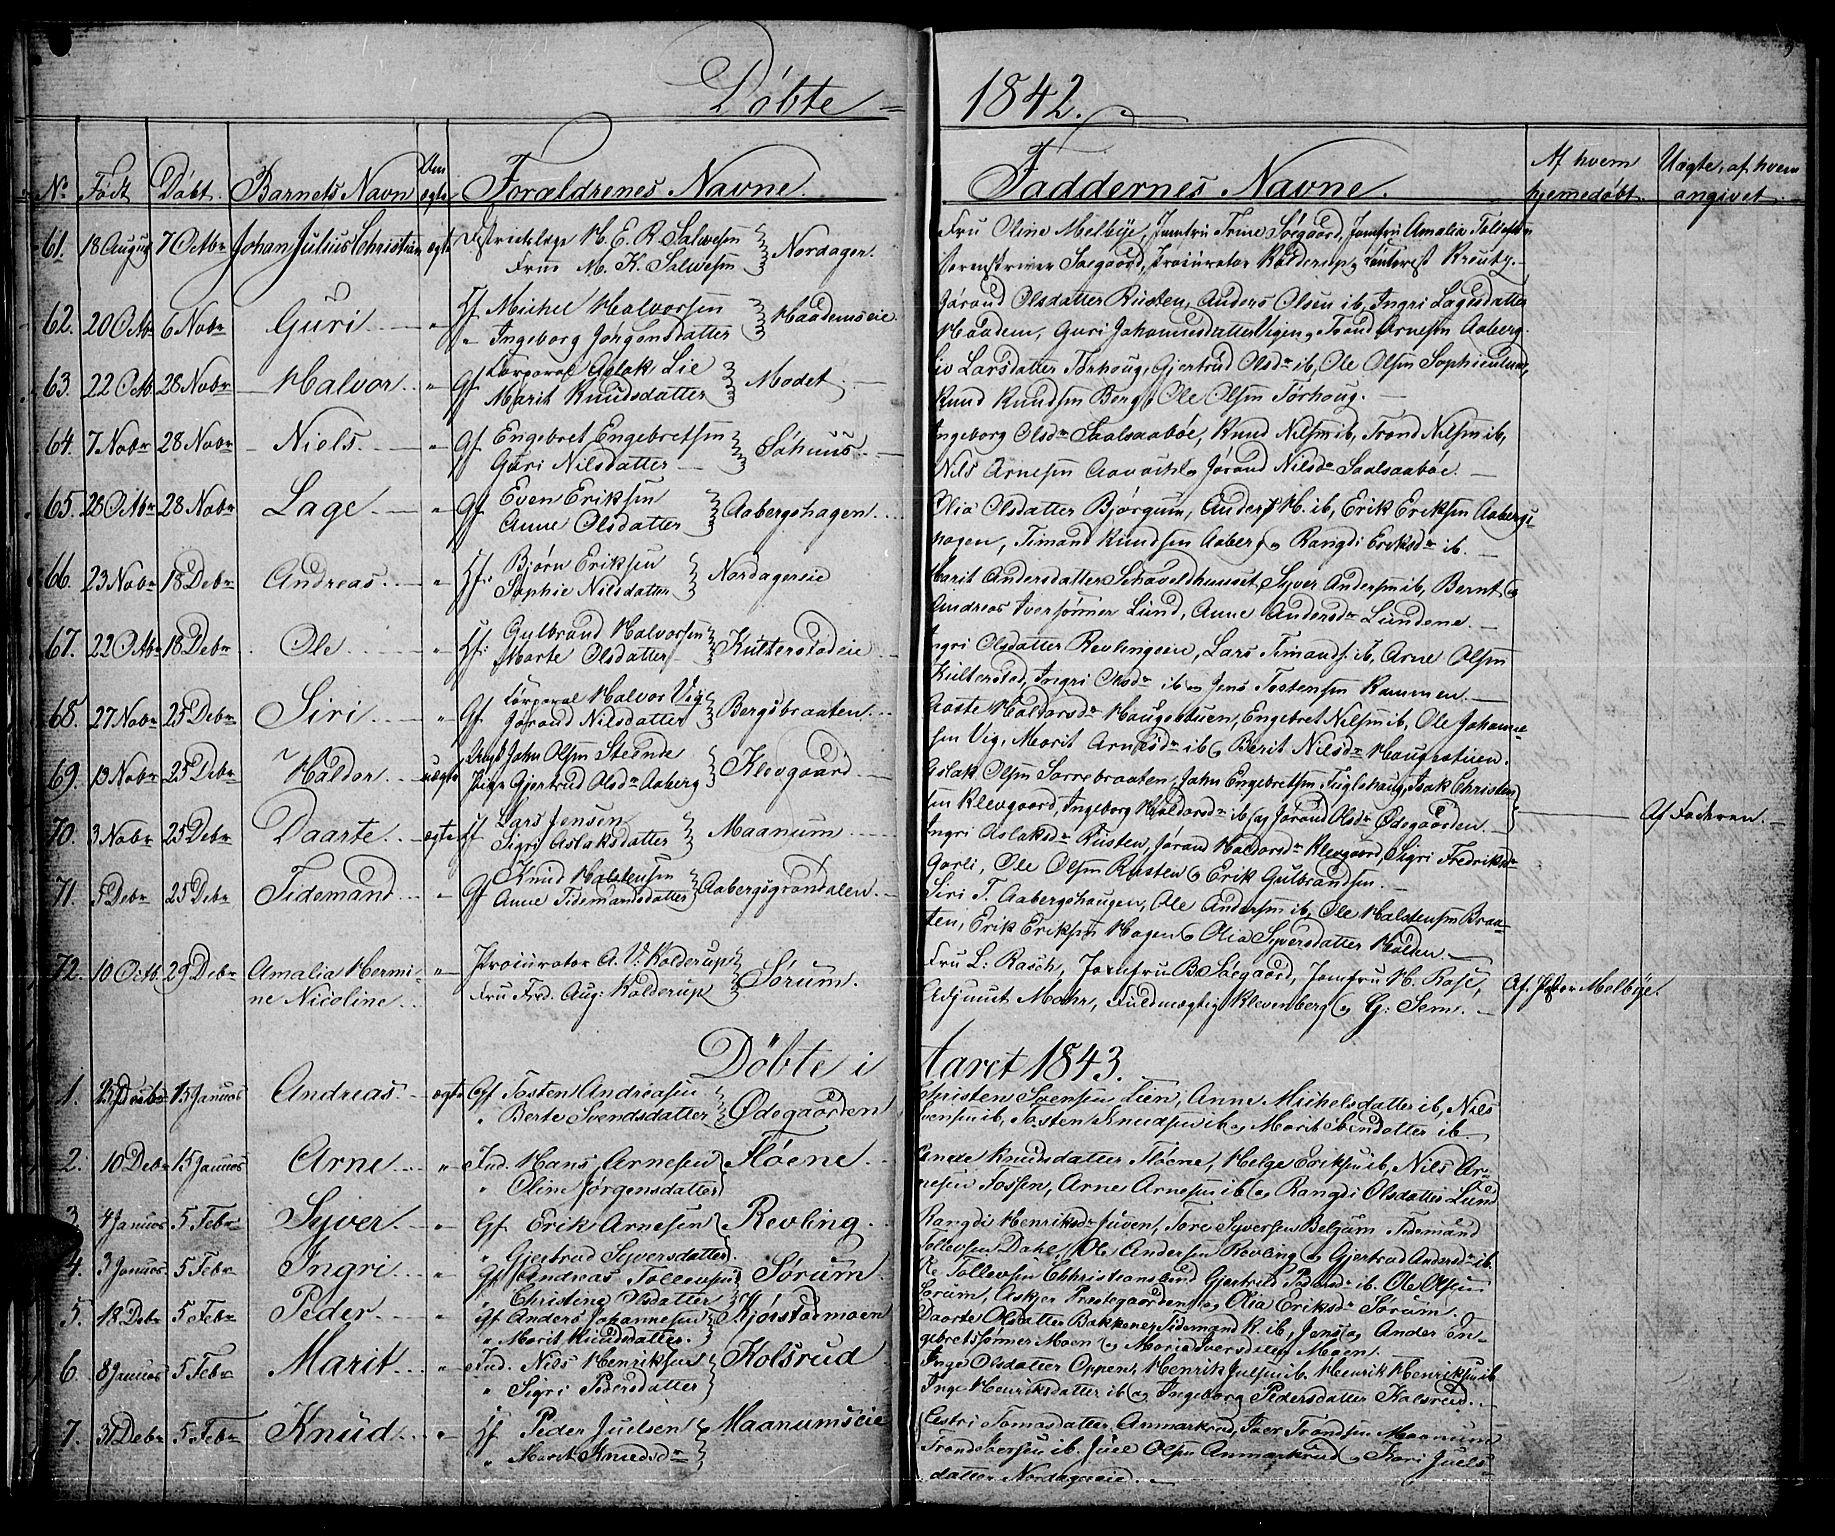 SAH, Nord-Aurdal prestekontor, Klokkerbok nr. 2, 1842-1877, s. 5